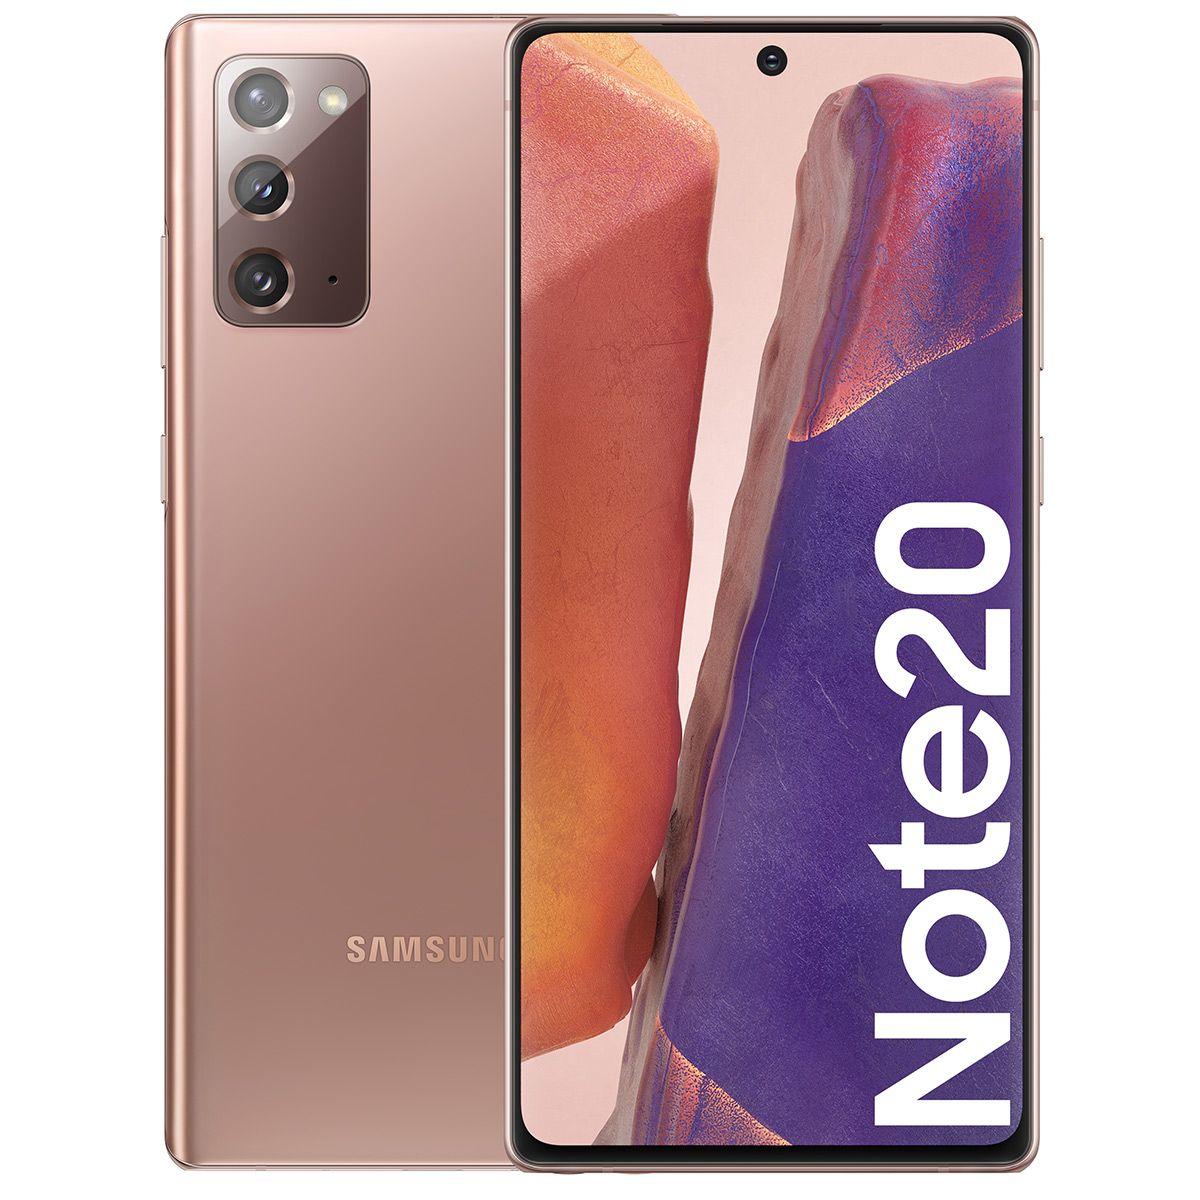 """Smartphone 6.7"""" Samsung Galaxy Note 20 SM-N980 (4G) - Full HD+, Exynos 990, RAM 8 Go, 256 Go (+ Jusqu'à 139.58€ en SuperPoints)"""